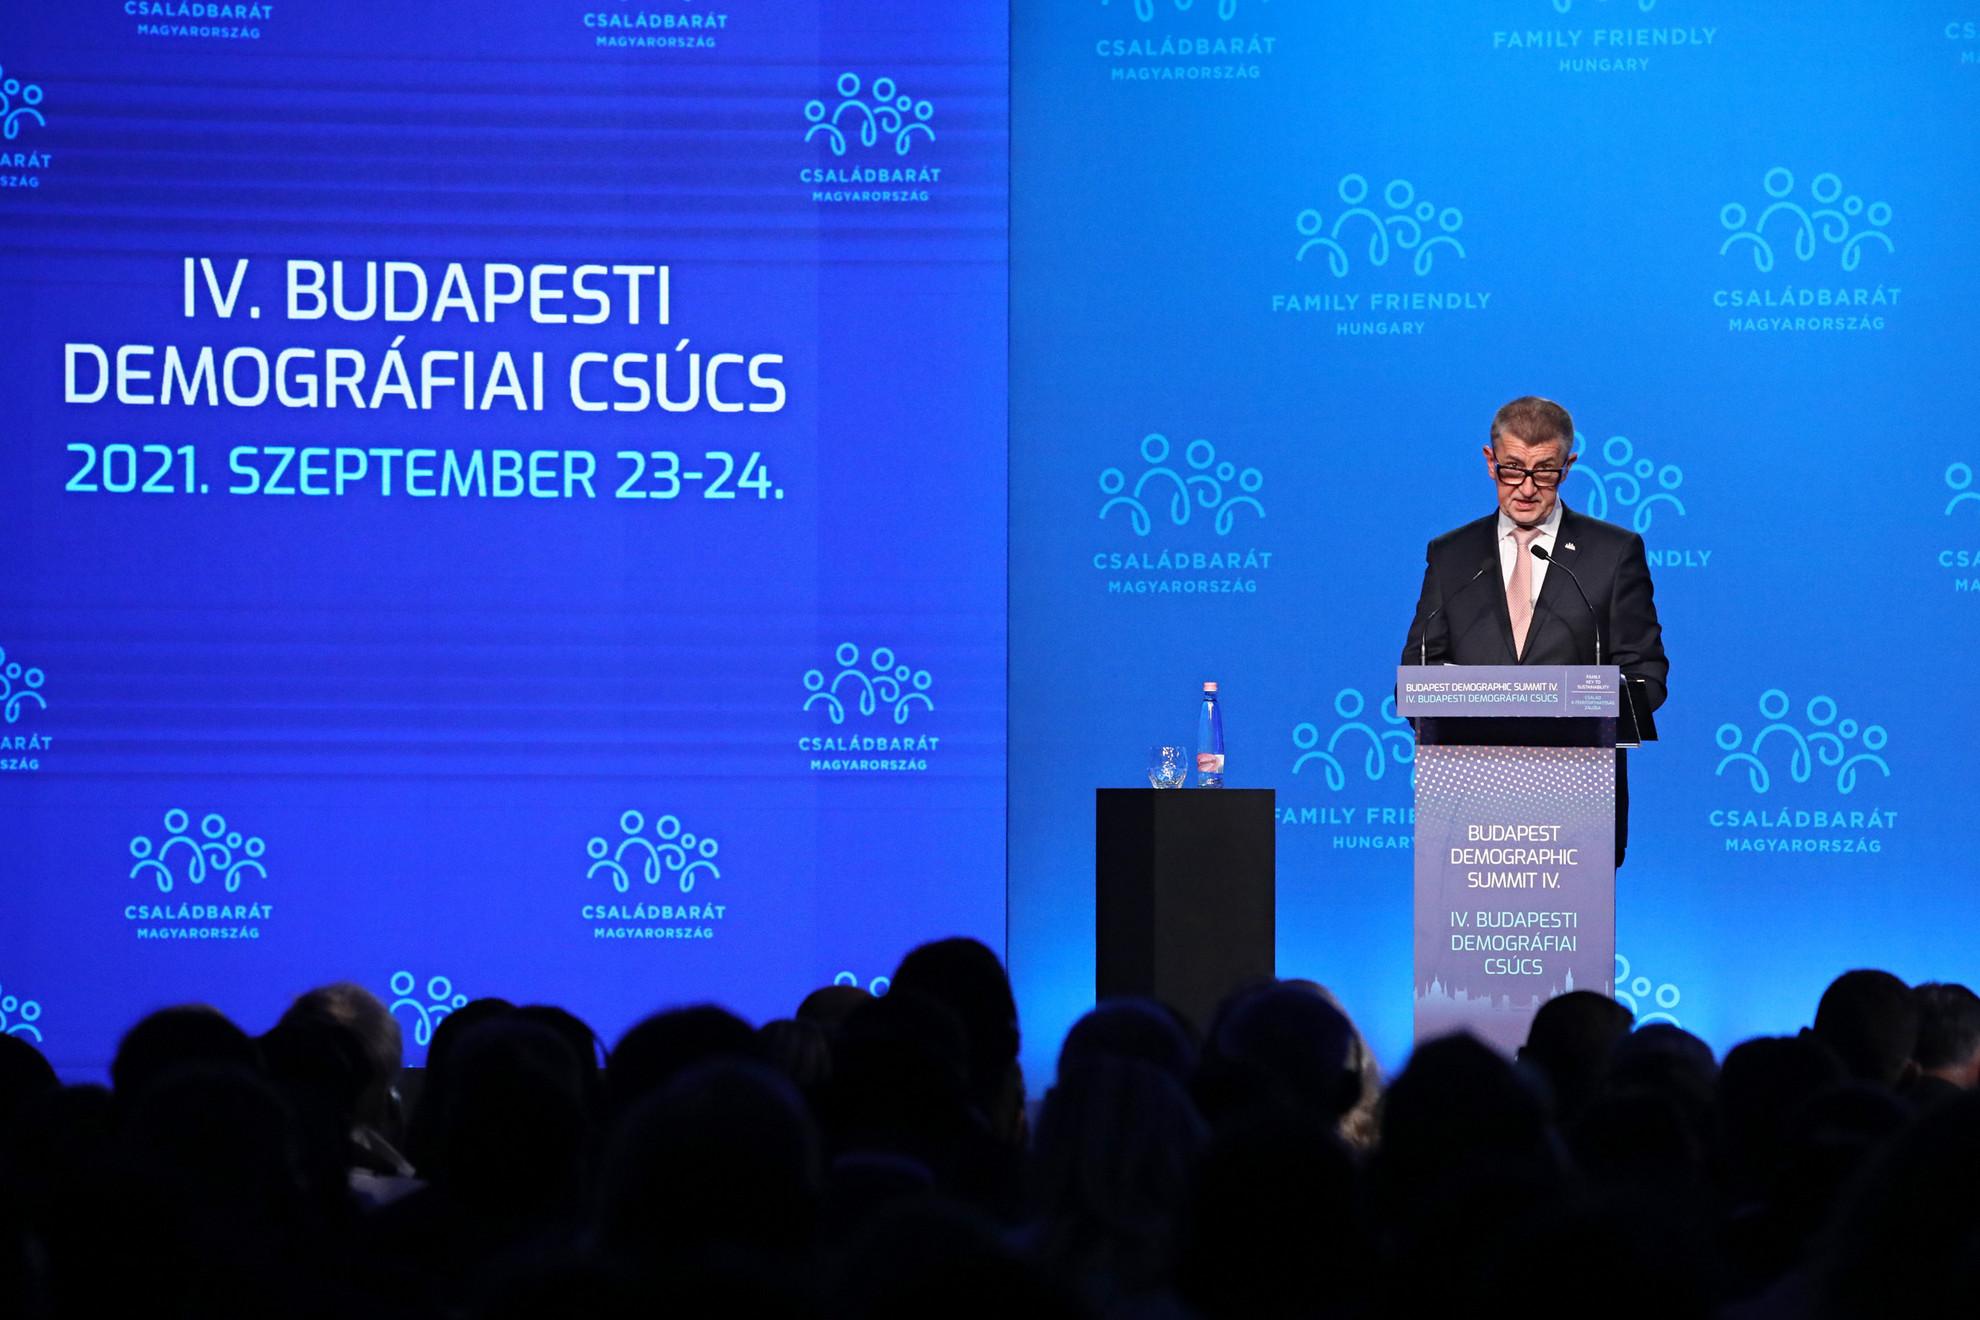 Andrej Babis cseh miniszterelnök a IV. Budapesti Demográfiai Csúcson a Várkert Bazárban 2021. szeptember 23-án